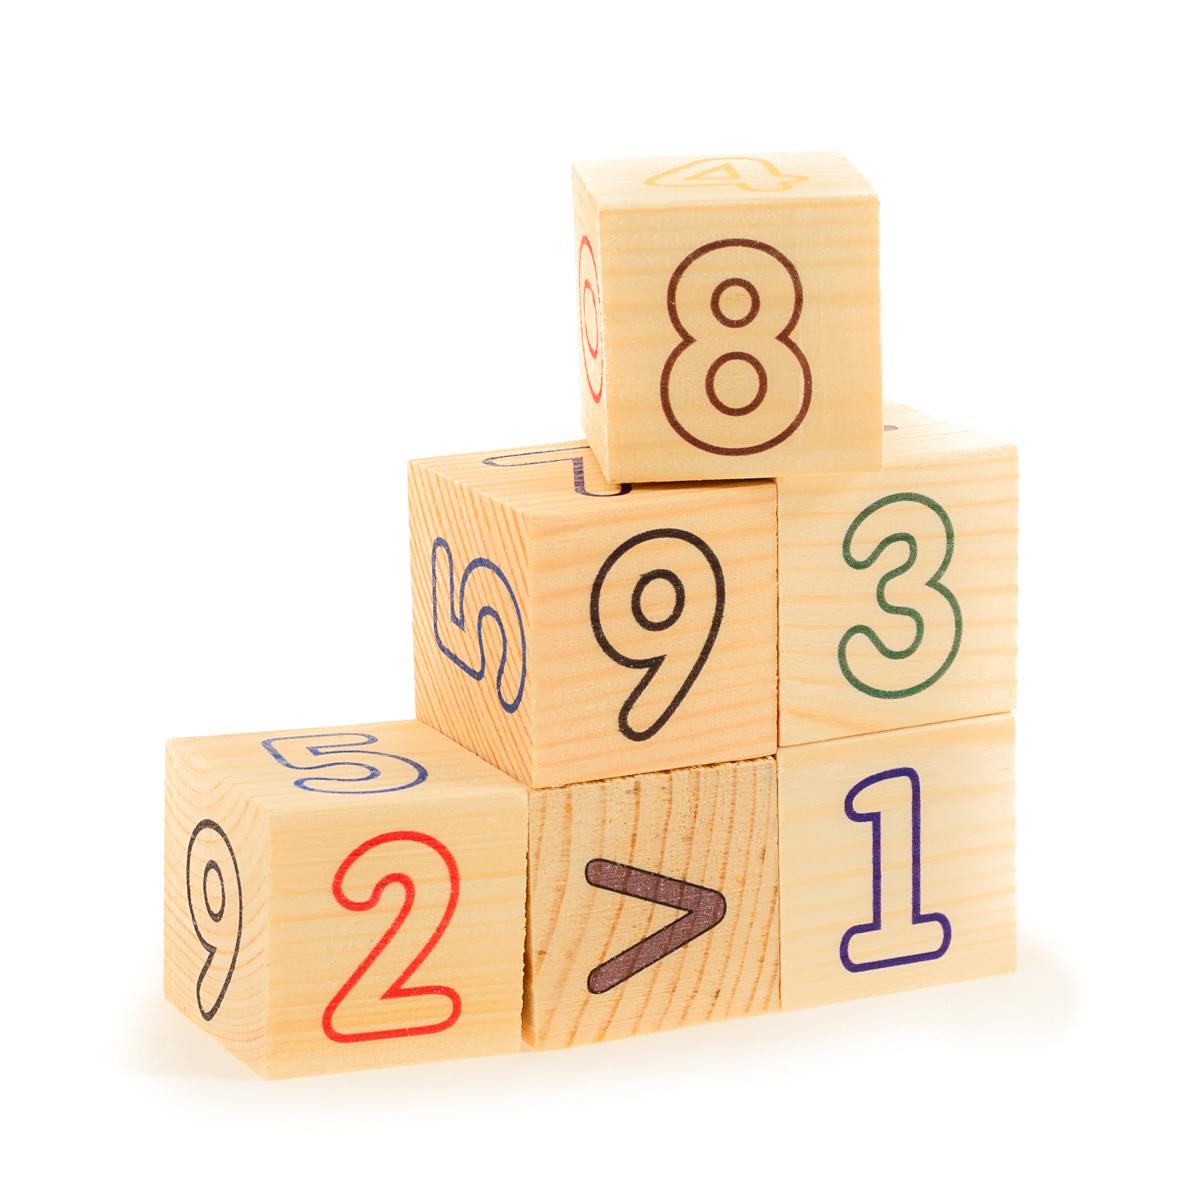 Развивающие деревянные игрушки Кубики Цифры счет кубики русские деревянные игрушки игрушки д482а 4 шт